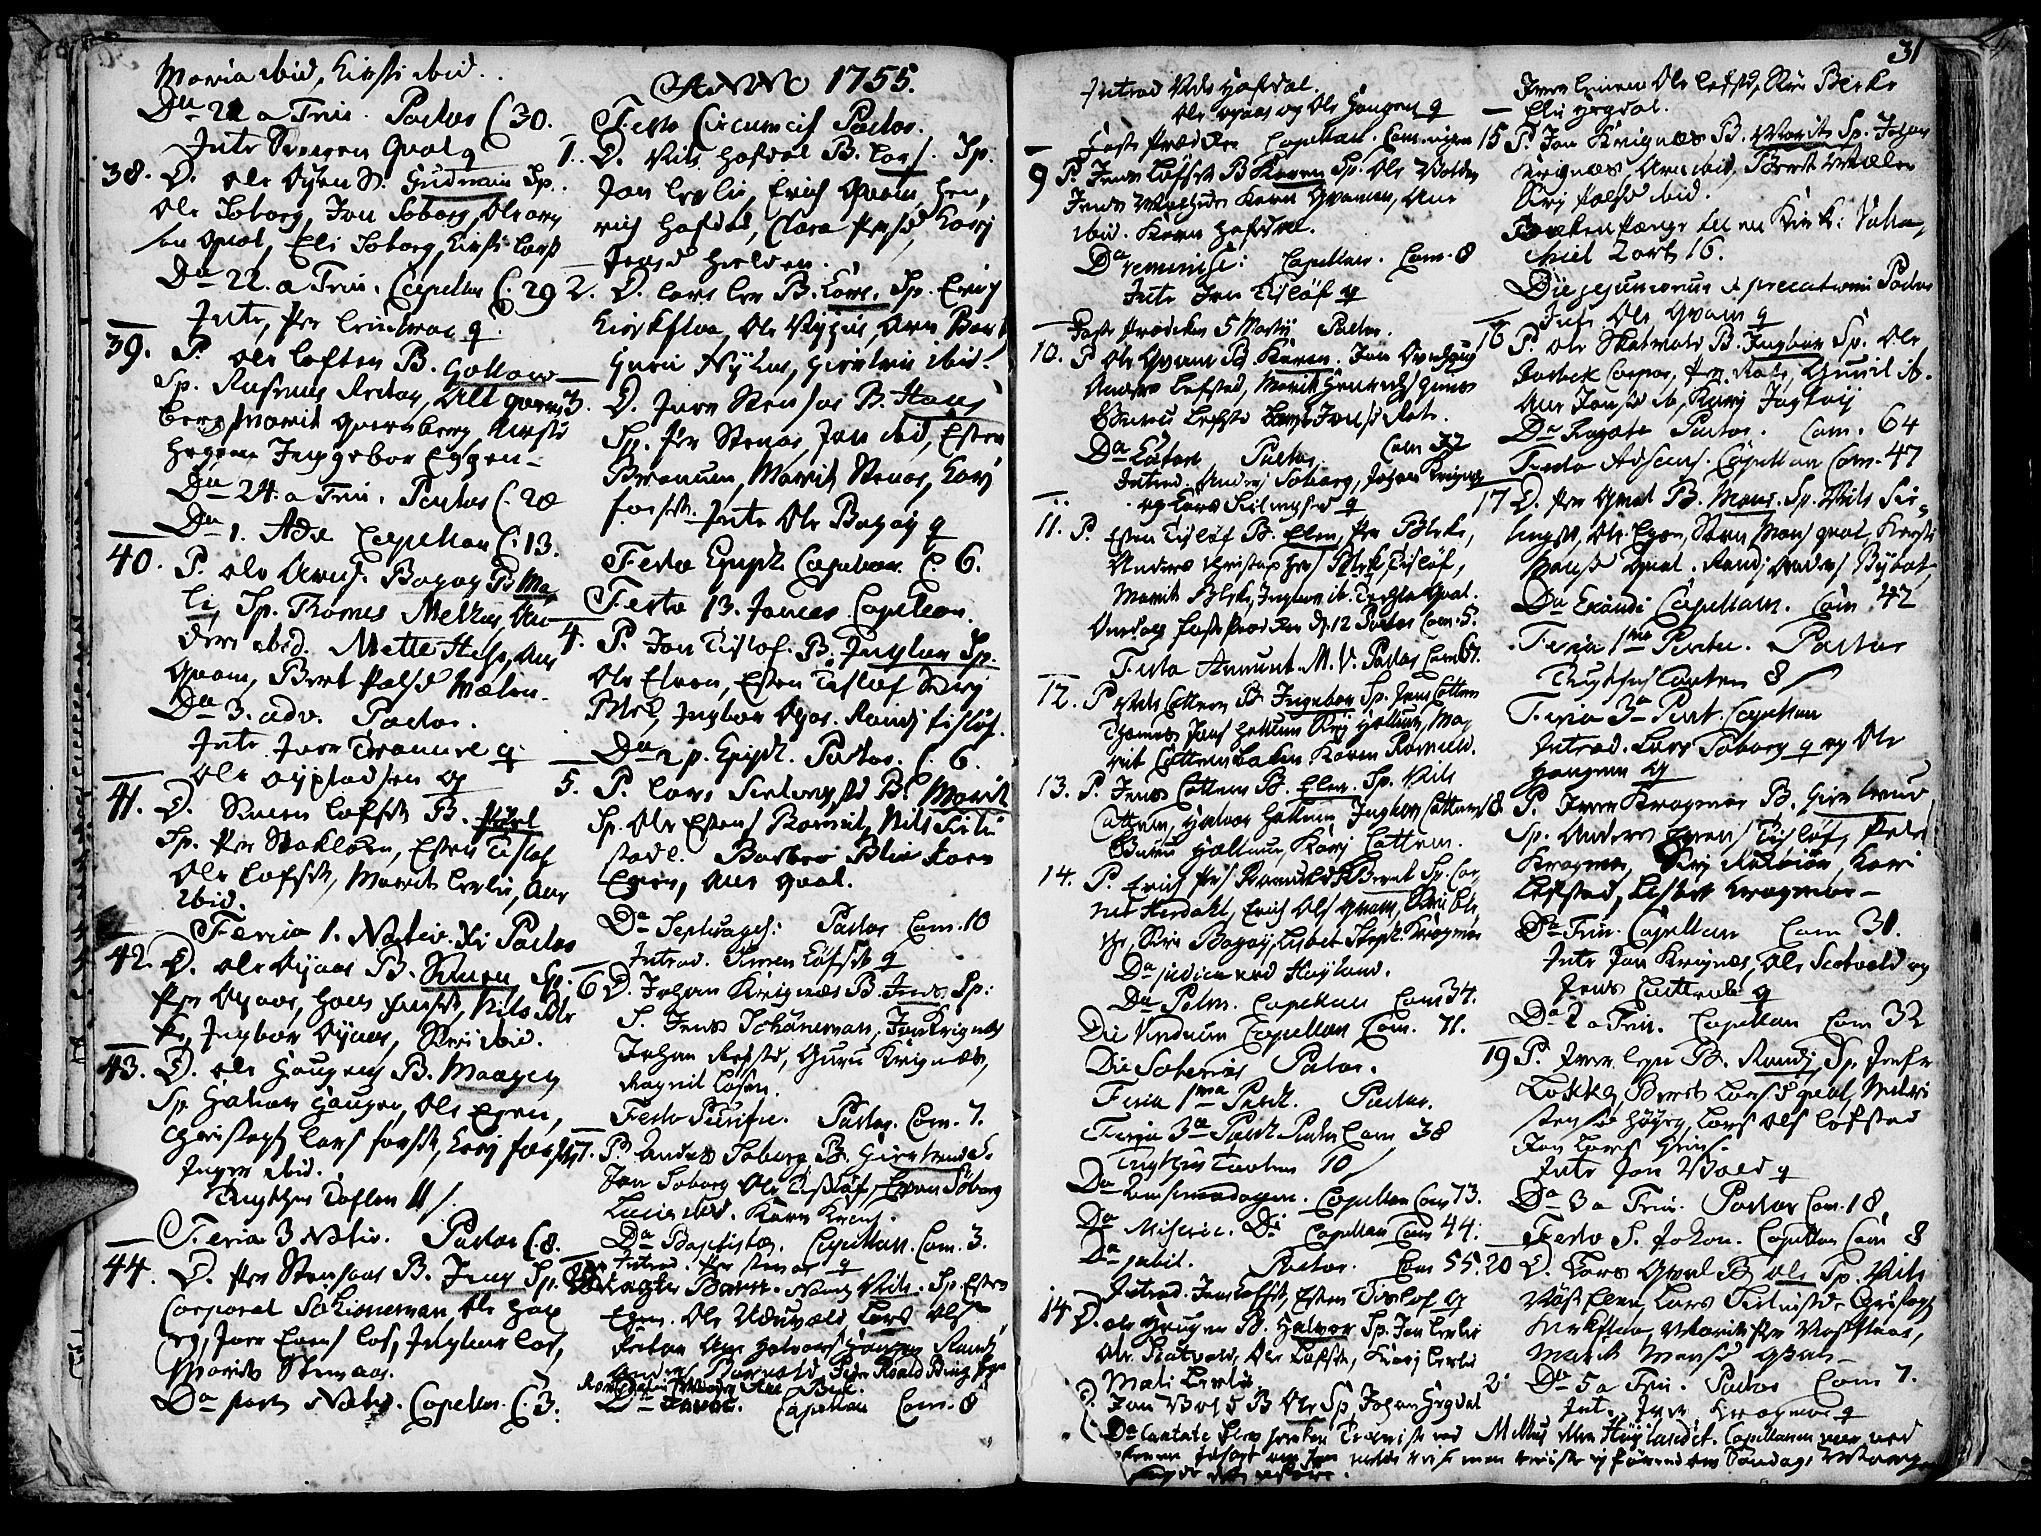 SAT, Ministerialprotokoller, klokkerbøker og fødselsregistre - Sør-Trøndelag, 691/L1057: Ministerialbok nr. 691A01 /1, 1740-1767, s. 31